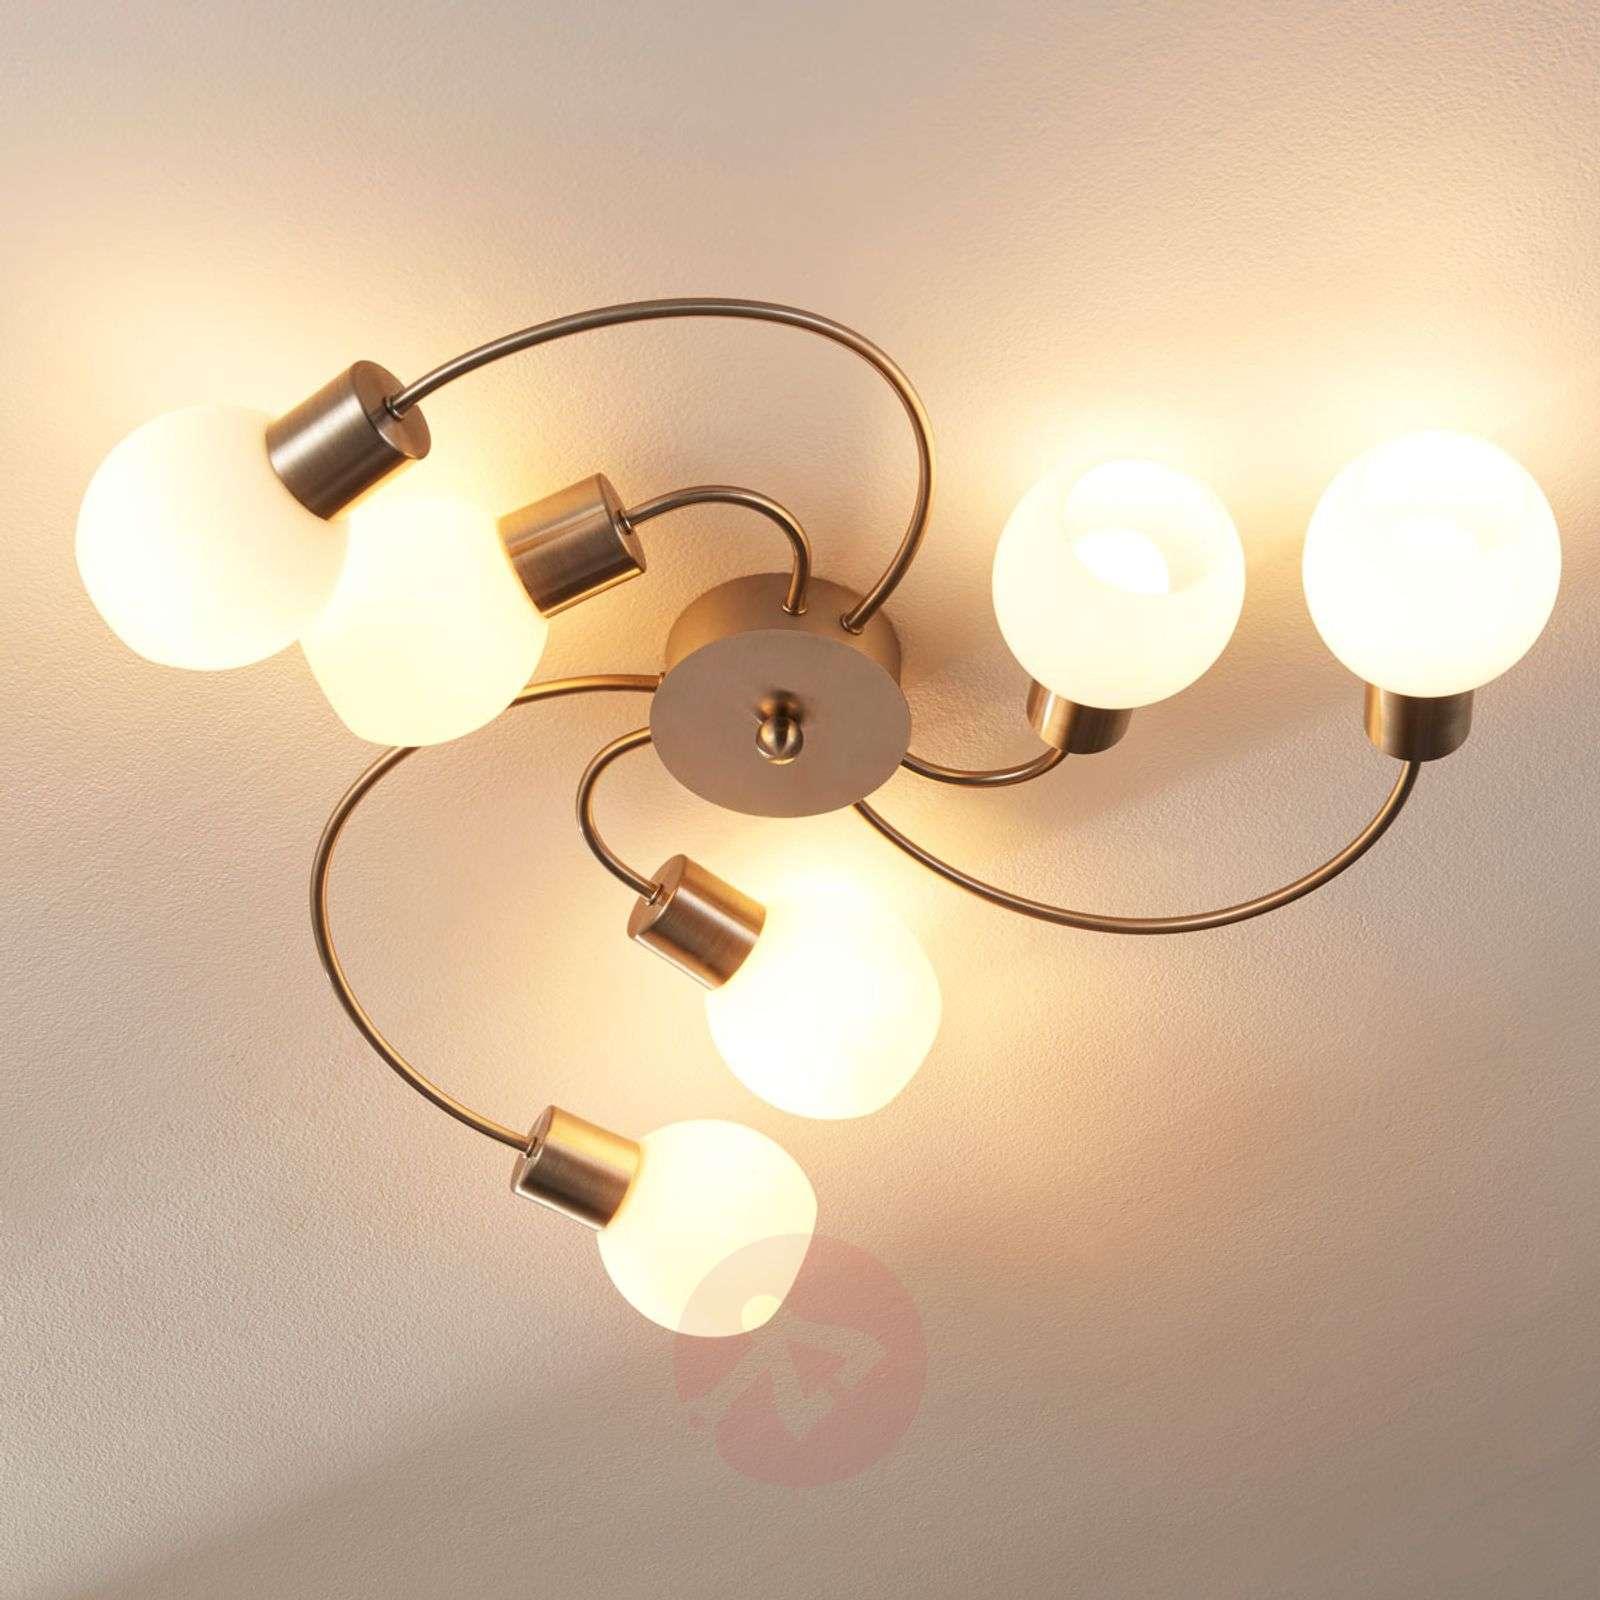 Six-bulb LED ceiling lamp Elaina-9621094-02